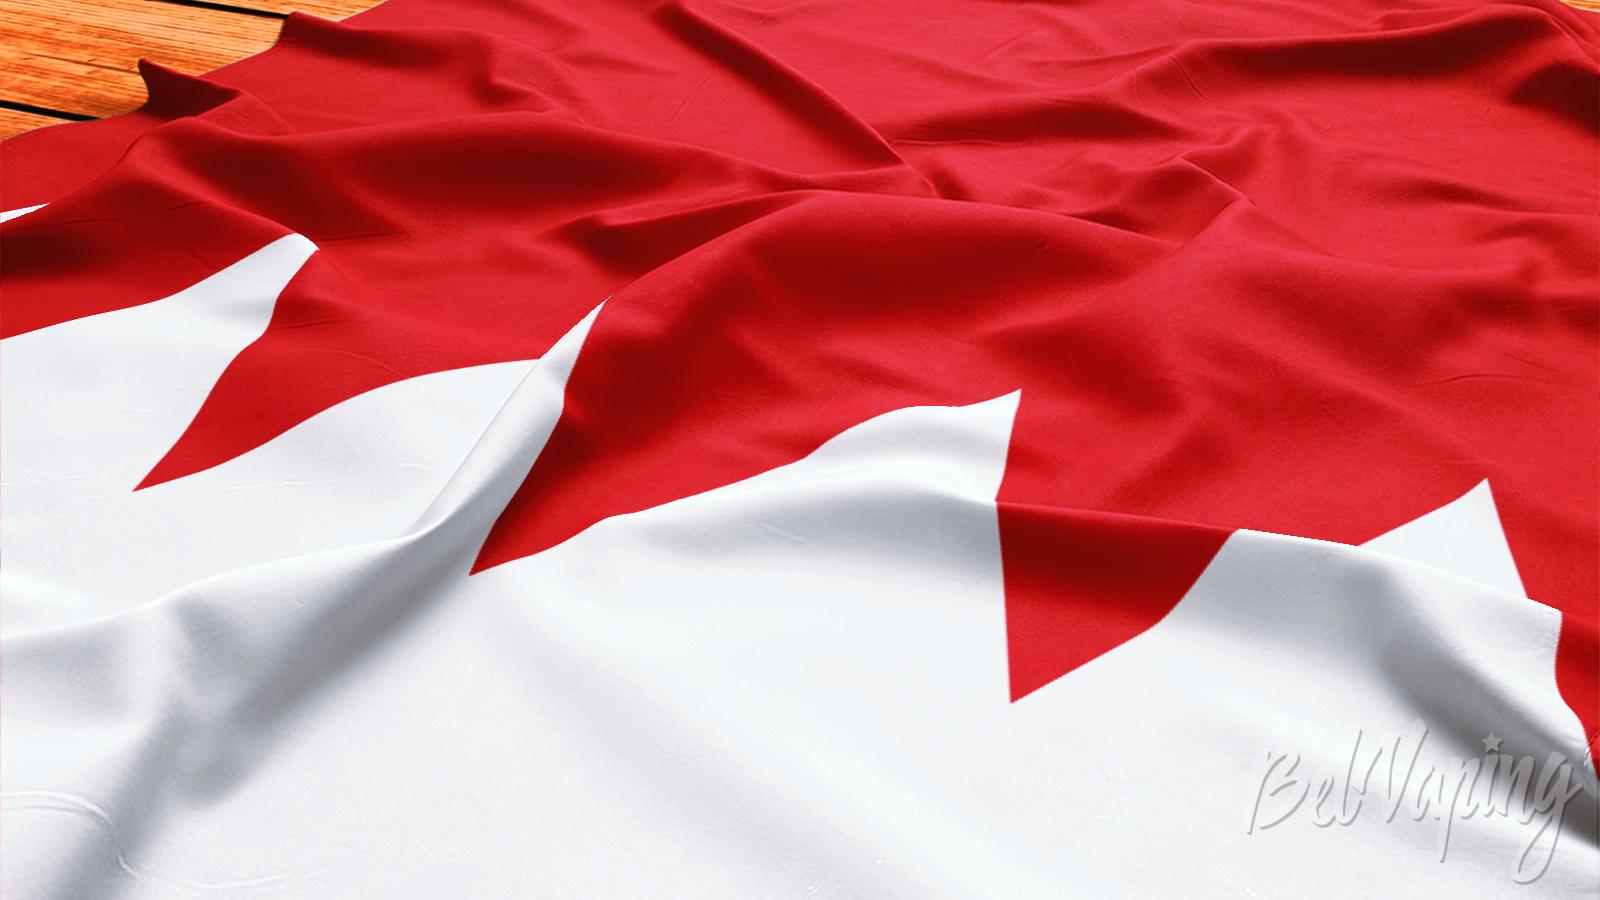 Сделано в Бахрейне